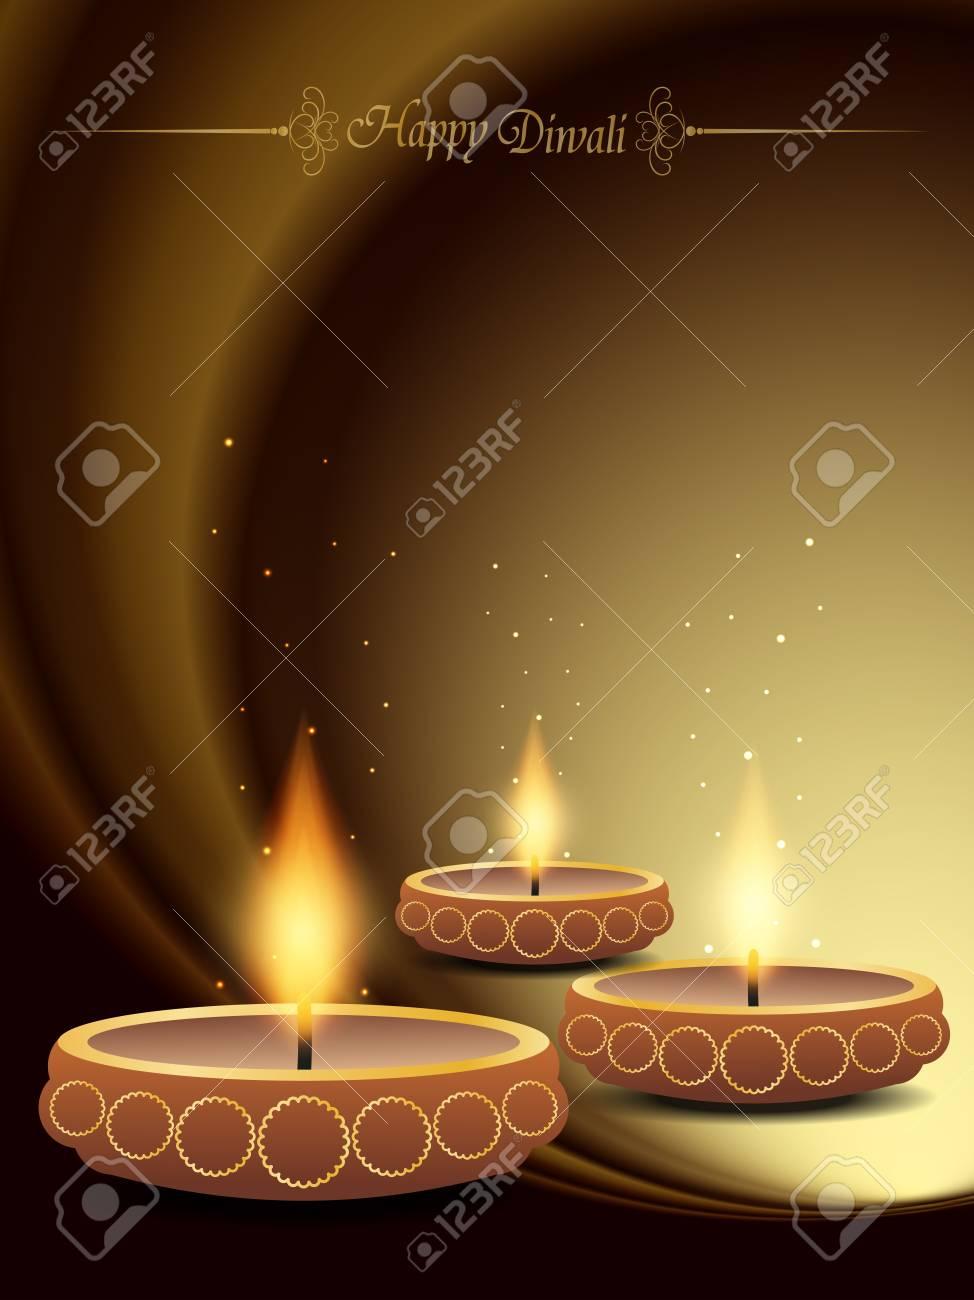 elegant background design for diwali festival Stock Vector - 20556631